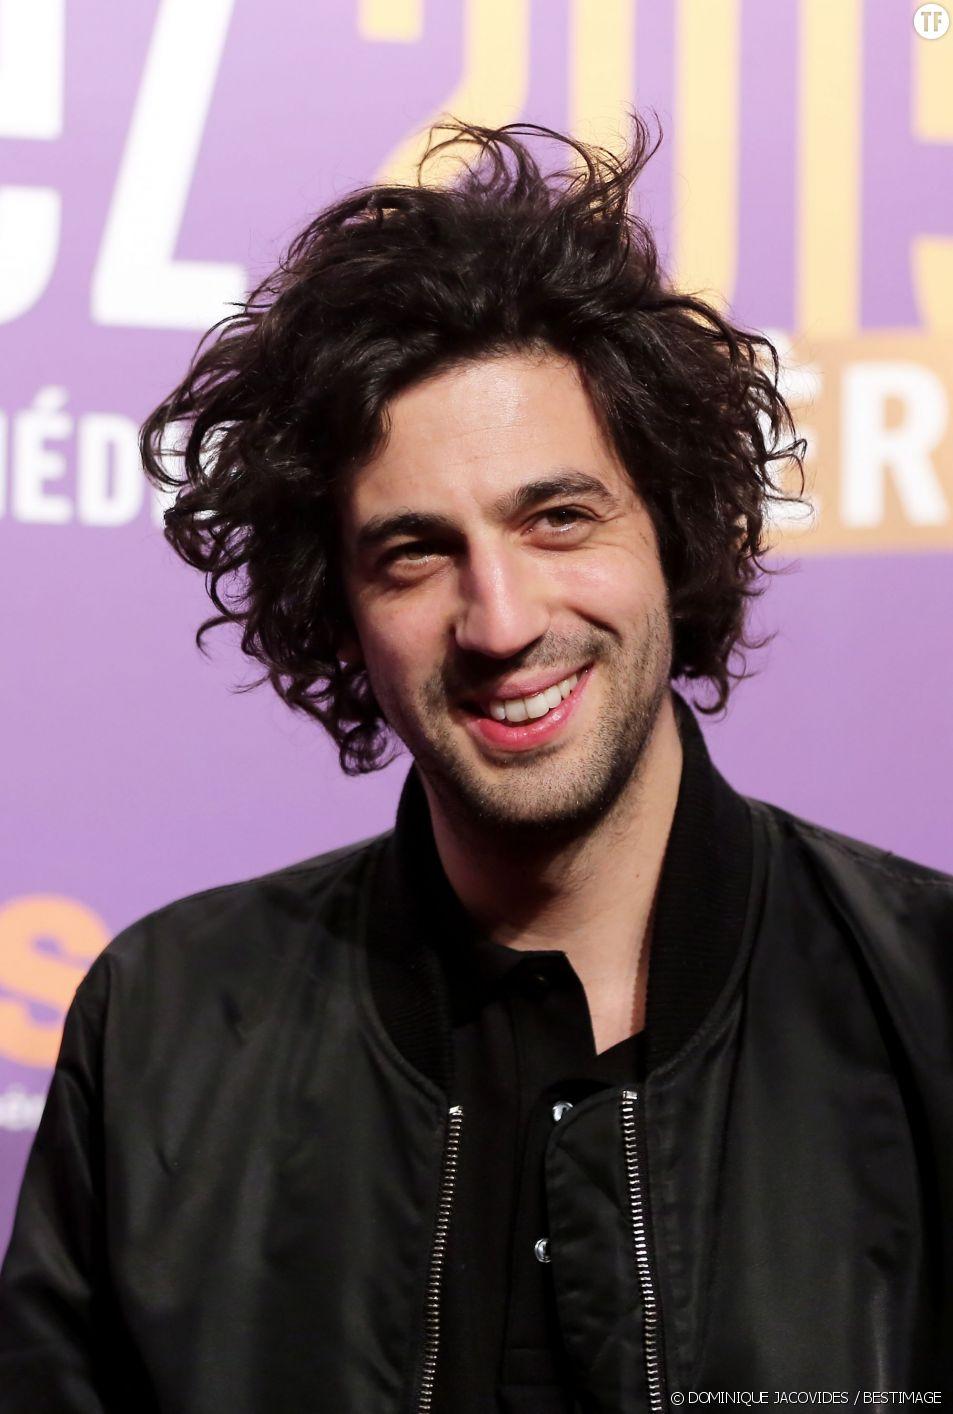 Max Boublil à la soirée d'ouverture du 18e festival international du film de comédie de l'Alpe d'Huez, le 14 janvier 2015.